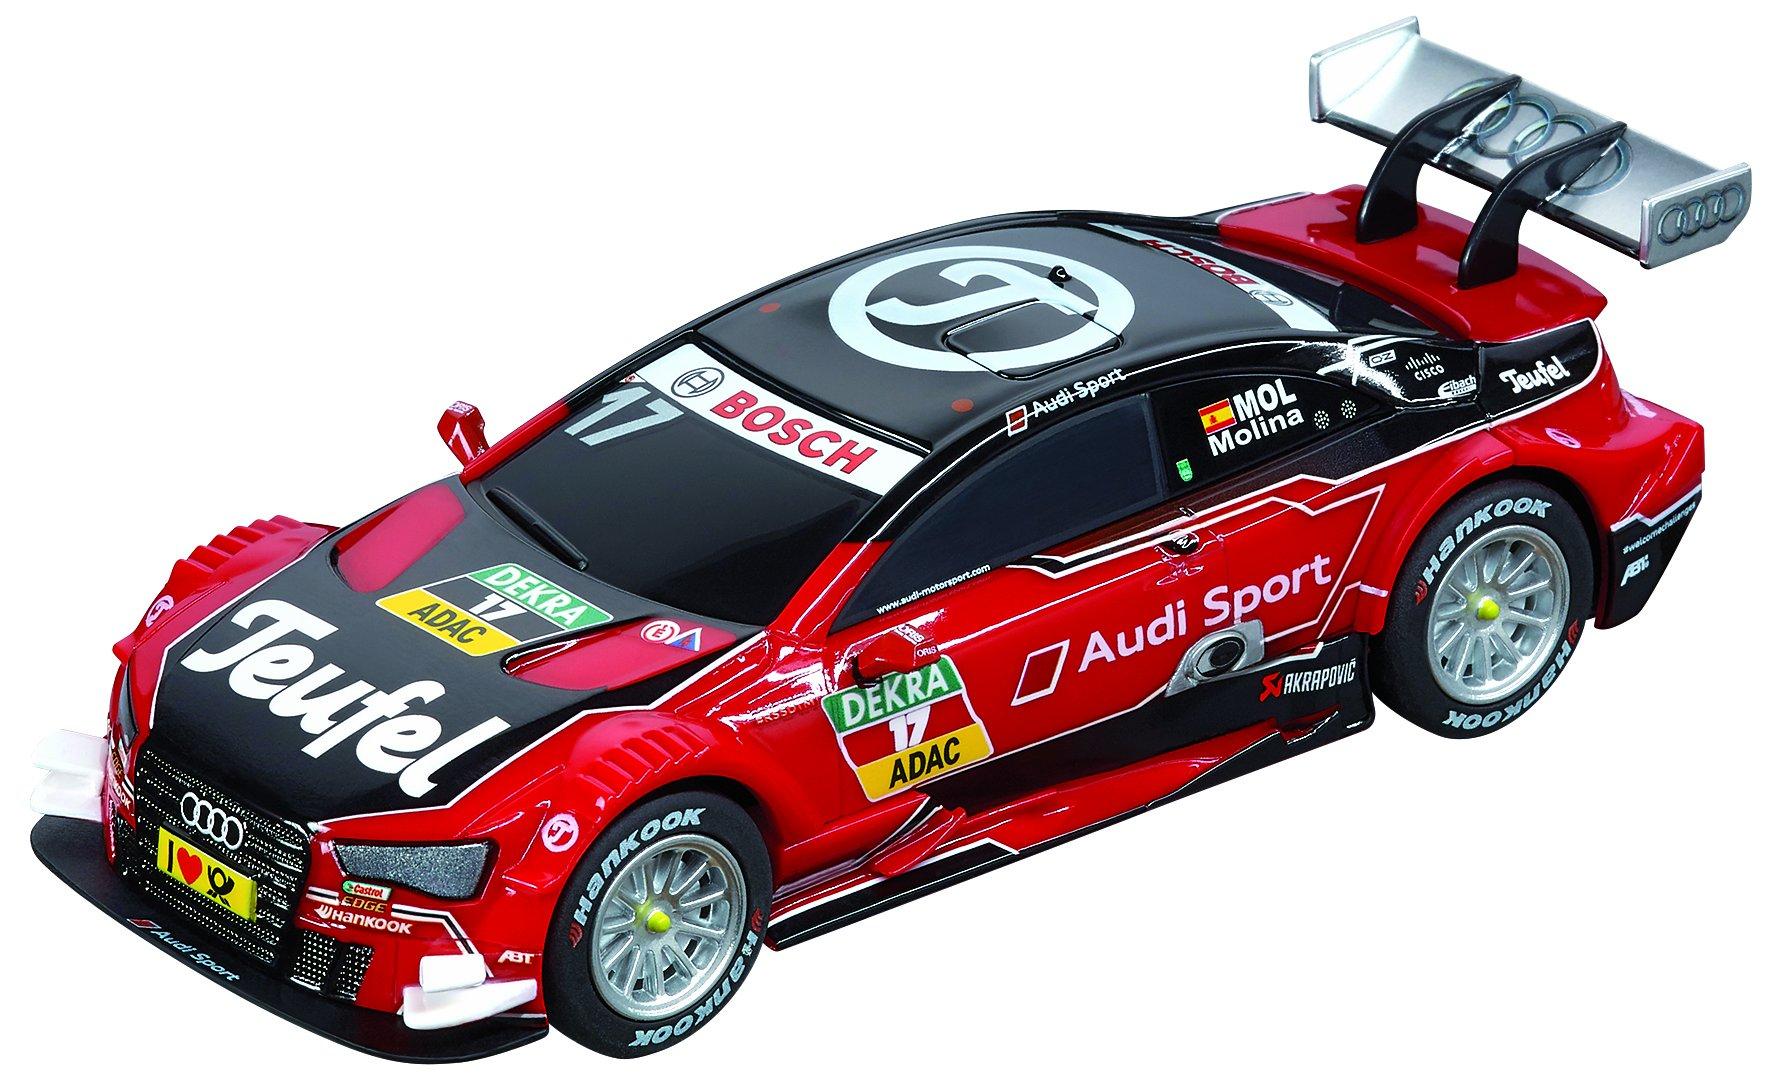 Carrera 64090 GO Audi Teufel RS 5 Dtm, Miguel Molina, No.17 Slot Car (1:43 Scale)